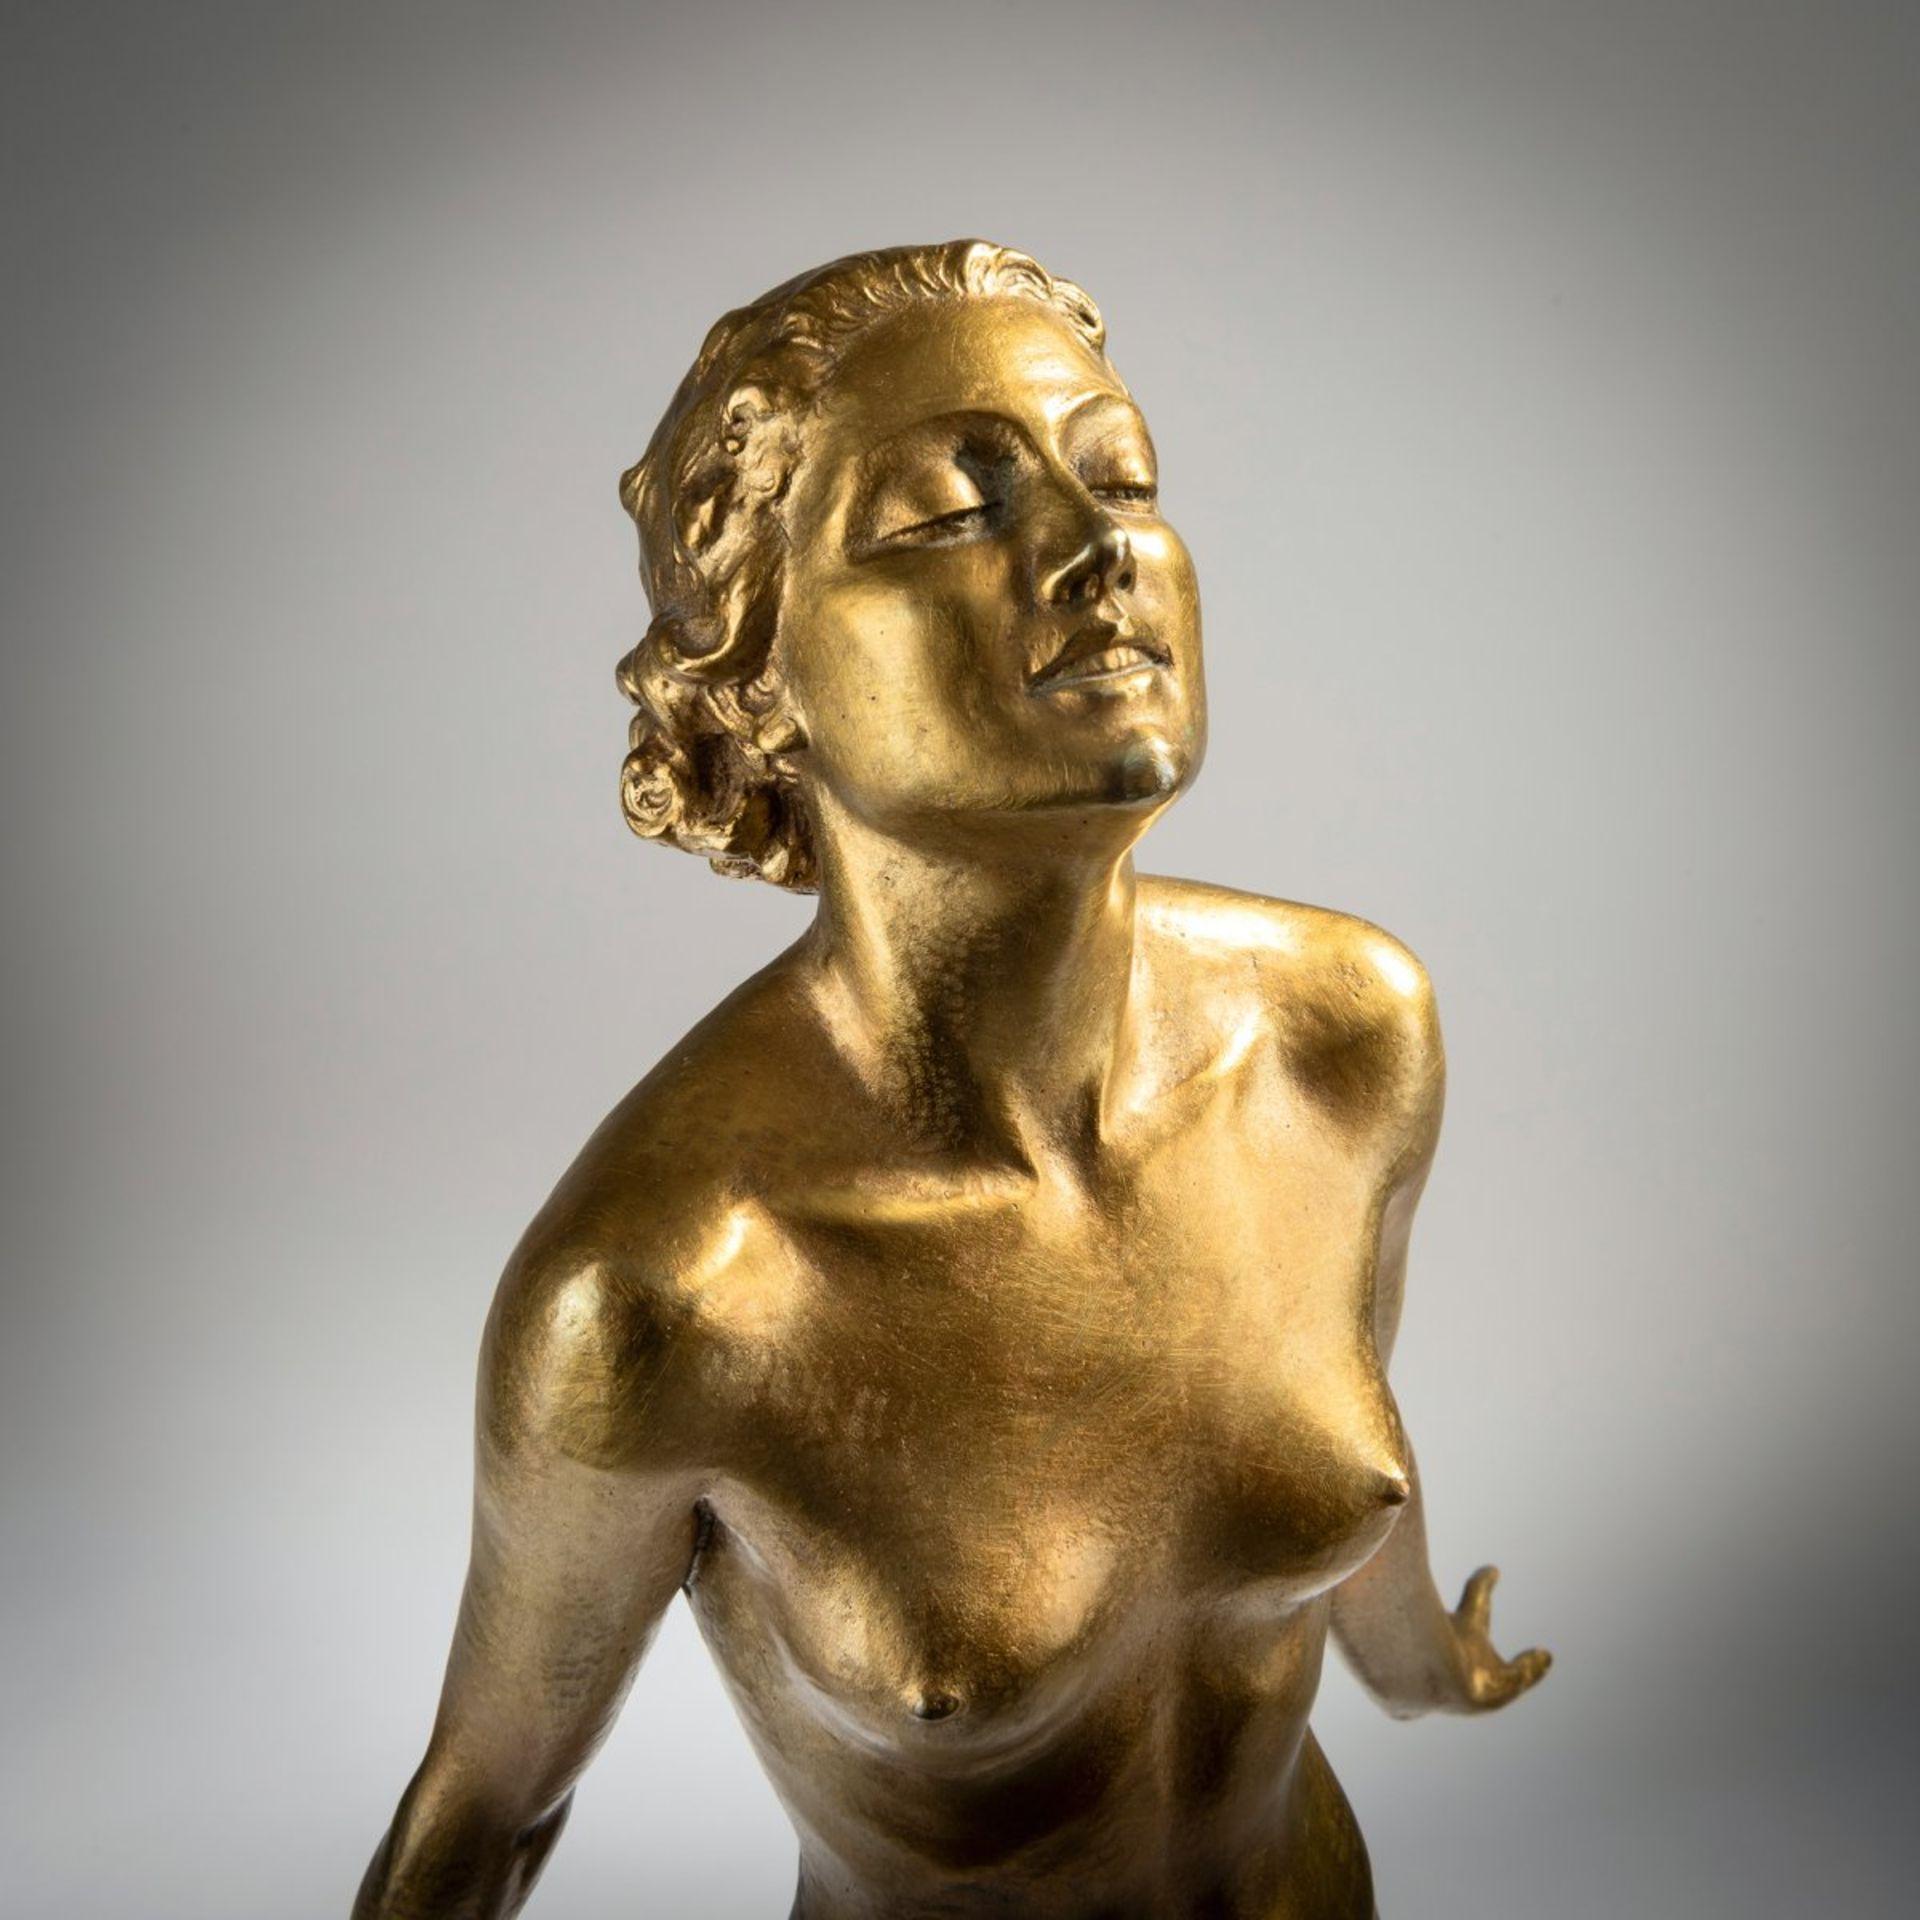 Ferdinand Preiss, 'Frühlingssonne', nach 1940 - Bild 3 aus 12